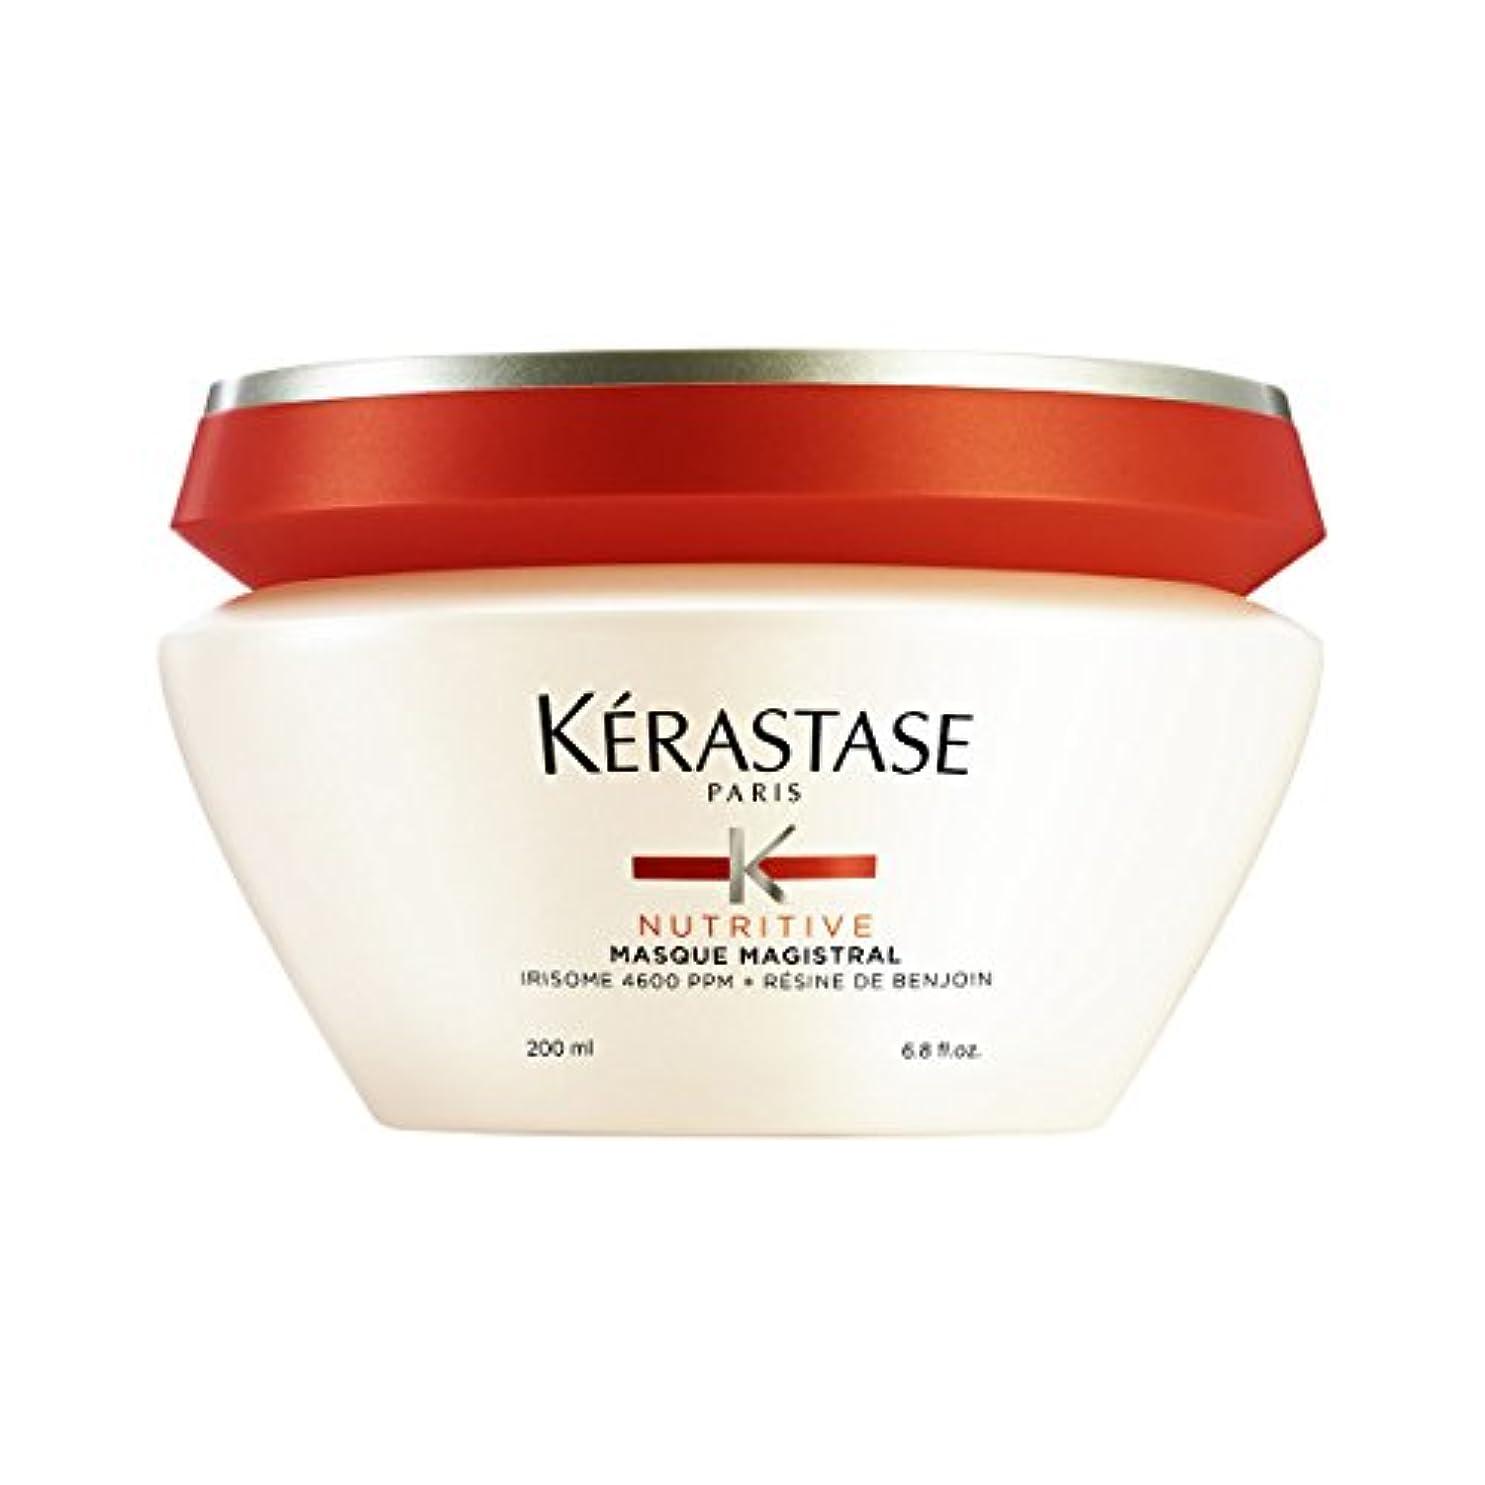 知り合い重要性インストラクターK駻astase Nutritive Masque Magistral Hair Mask 200ml [並行輸入品]